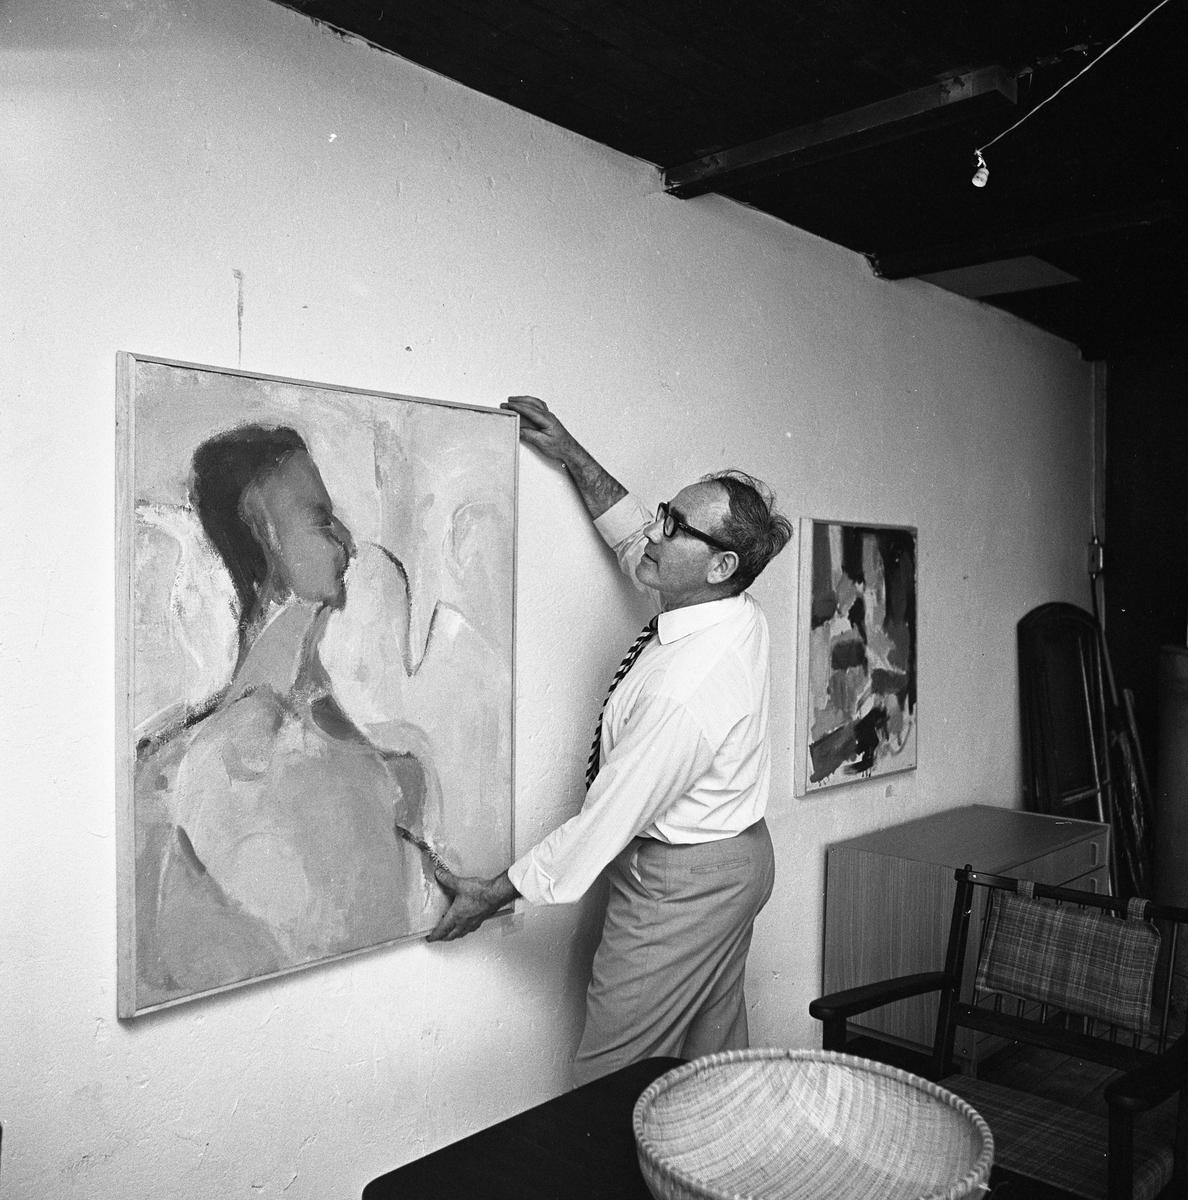 Bertil Levin ordnar konstutställning i Stallet, Västerlånggatan 1. Man som hänger upp en tavla. Några möbler skymtar.